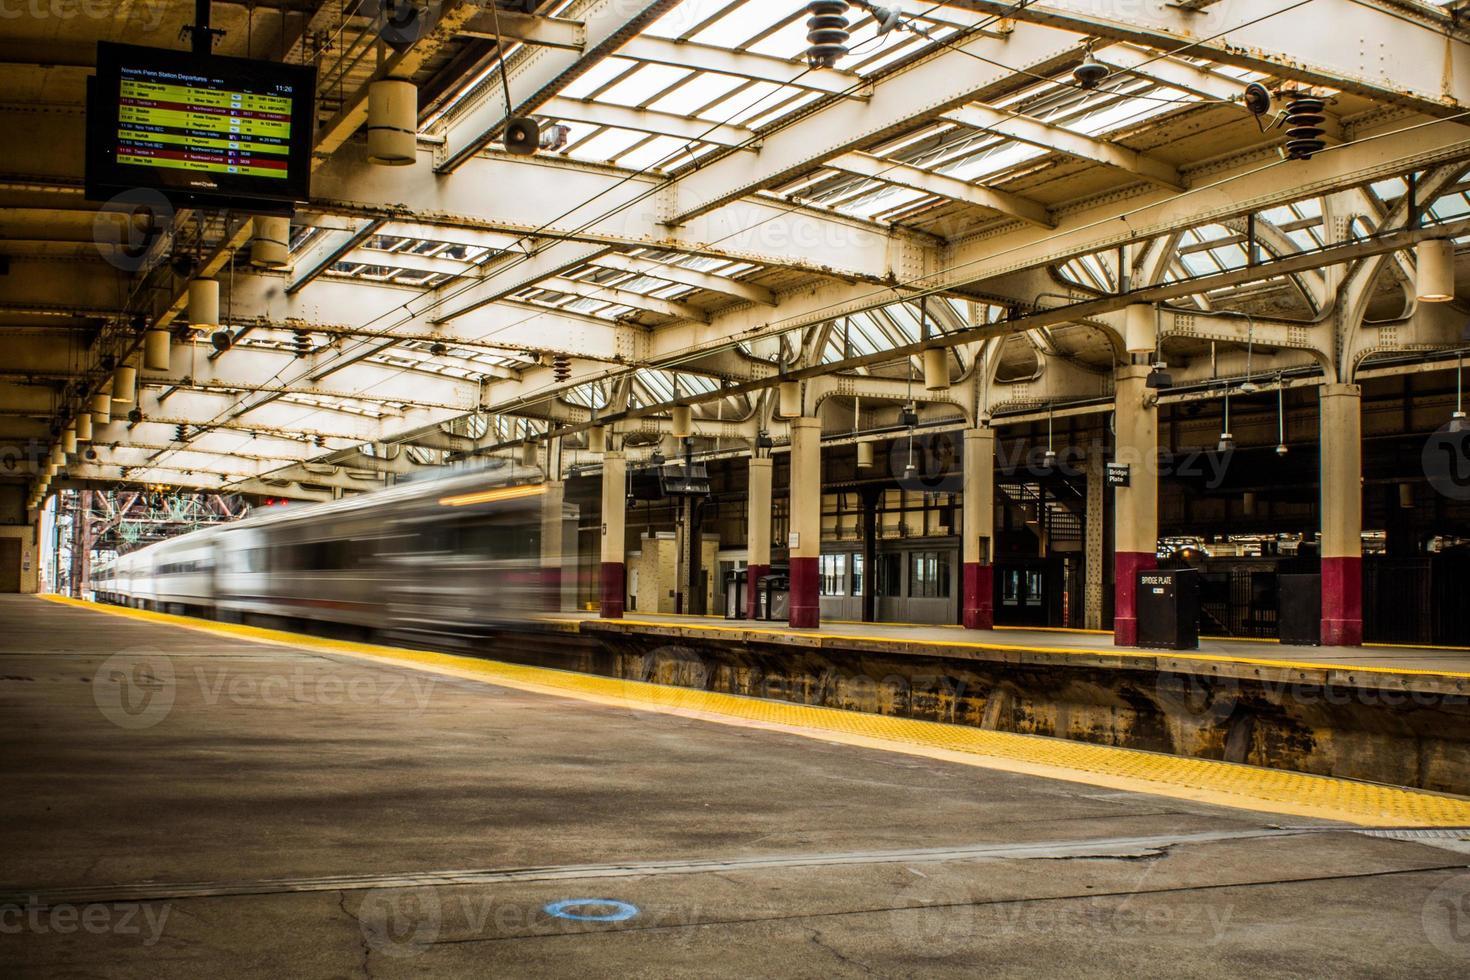 schnell fahrender Zug an einem Bahnhof foto